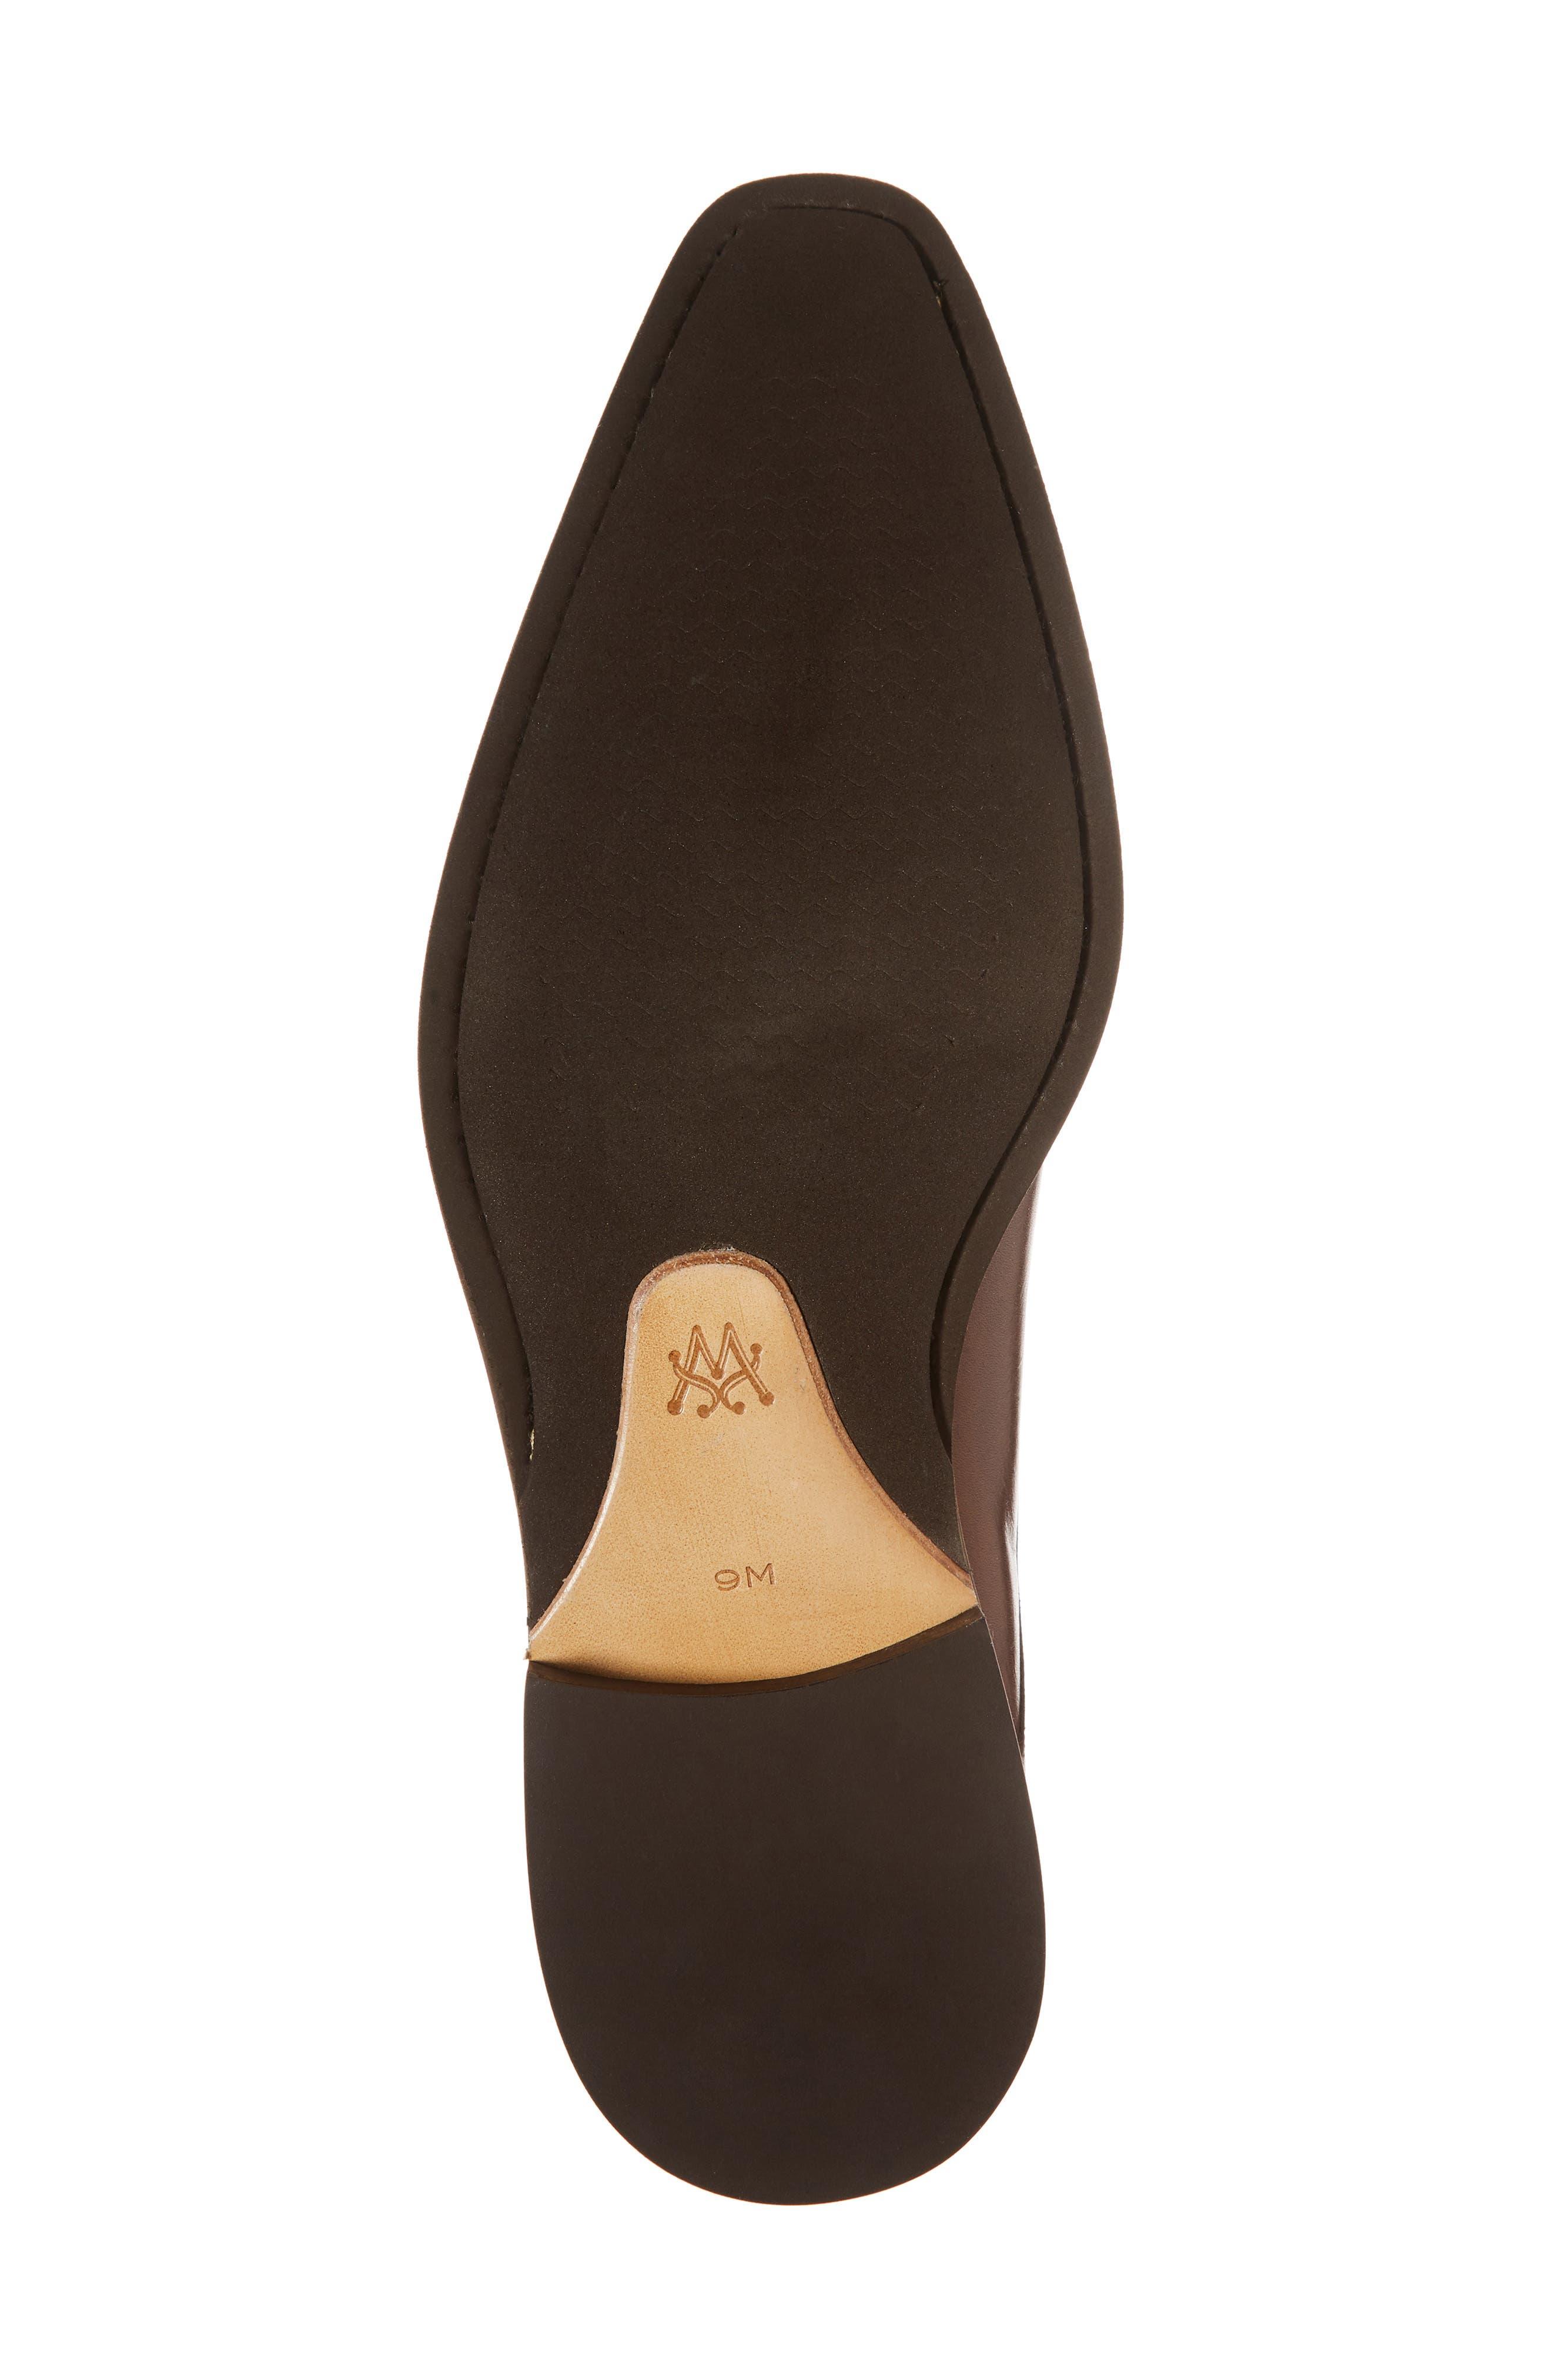 MEZLAN, Feresta Wingtip Monk Shoe, Alternate thumbnail 6, color, COGNAC